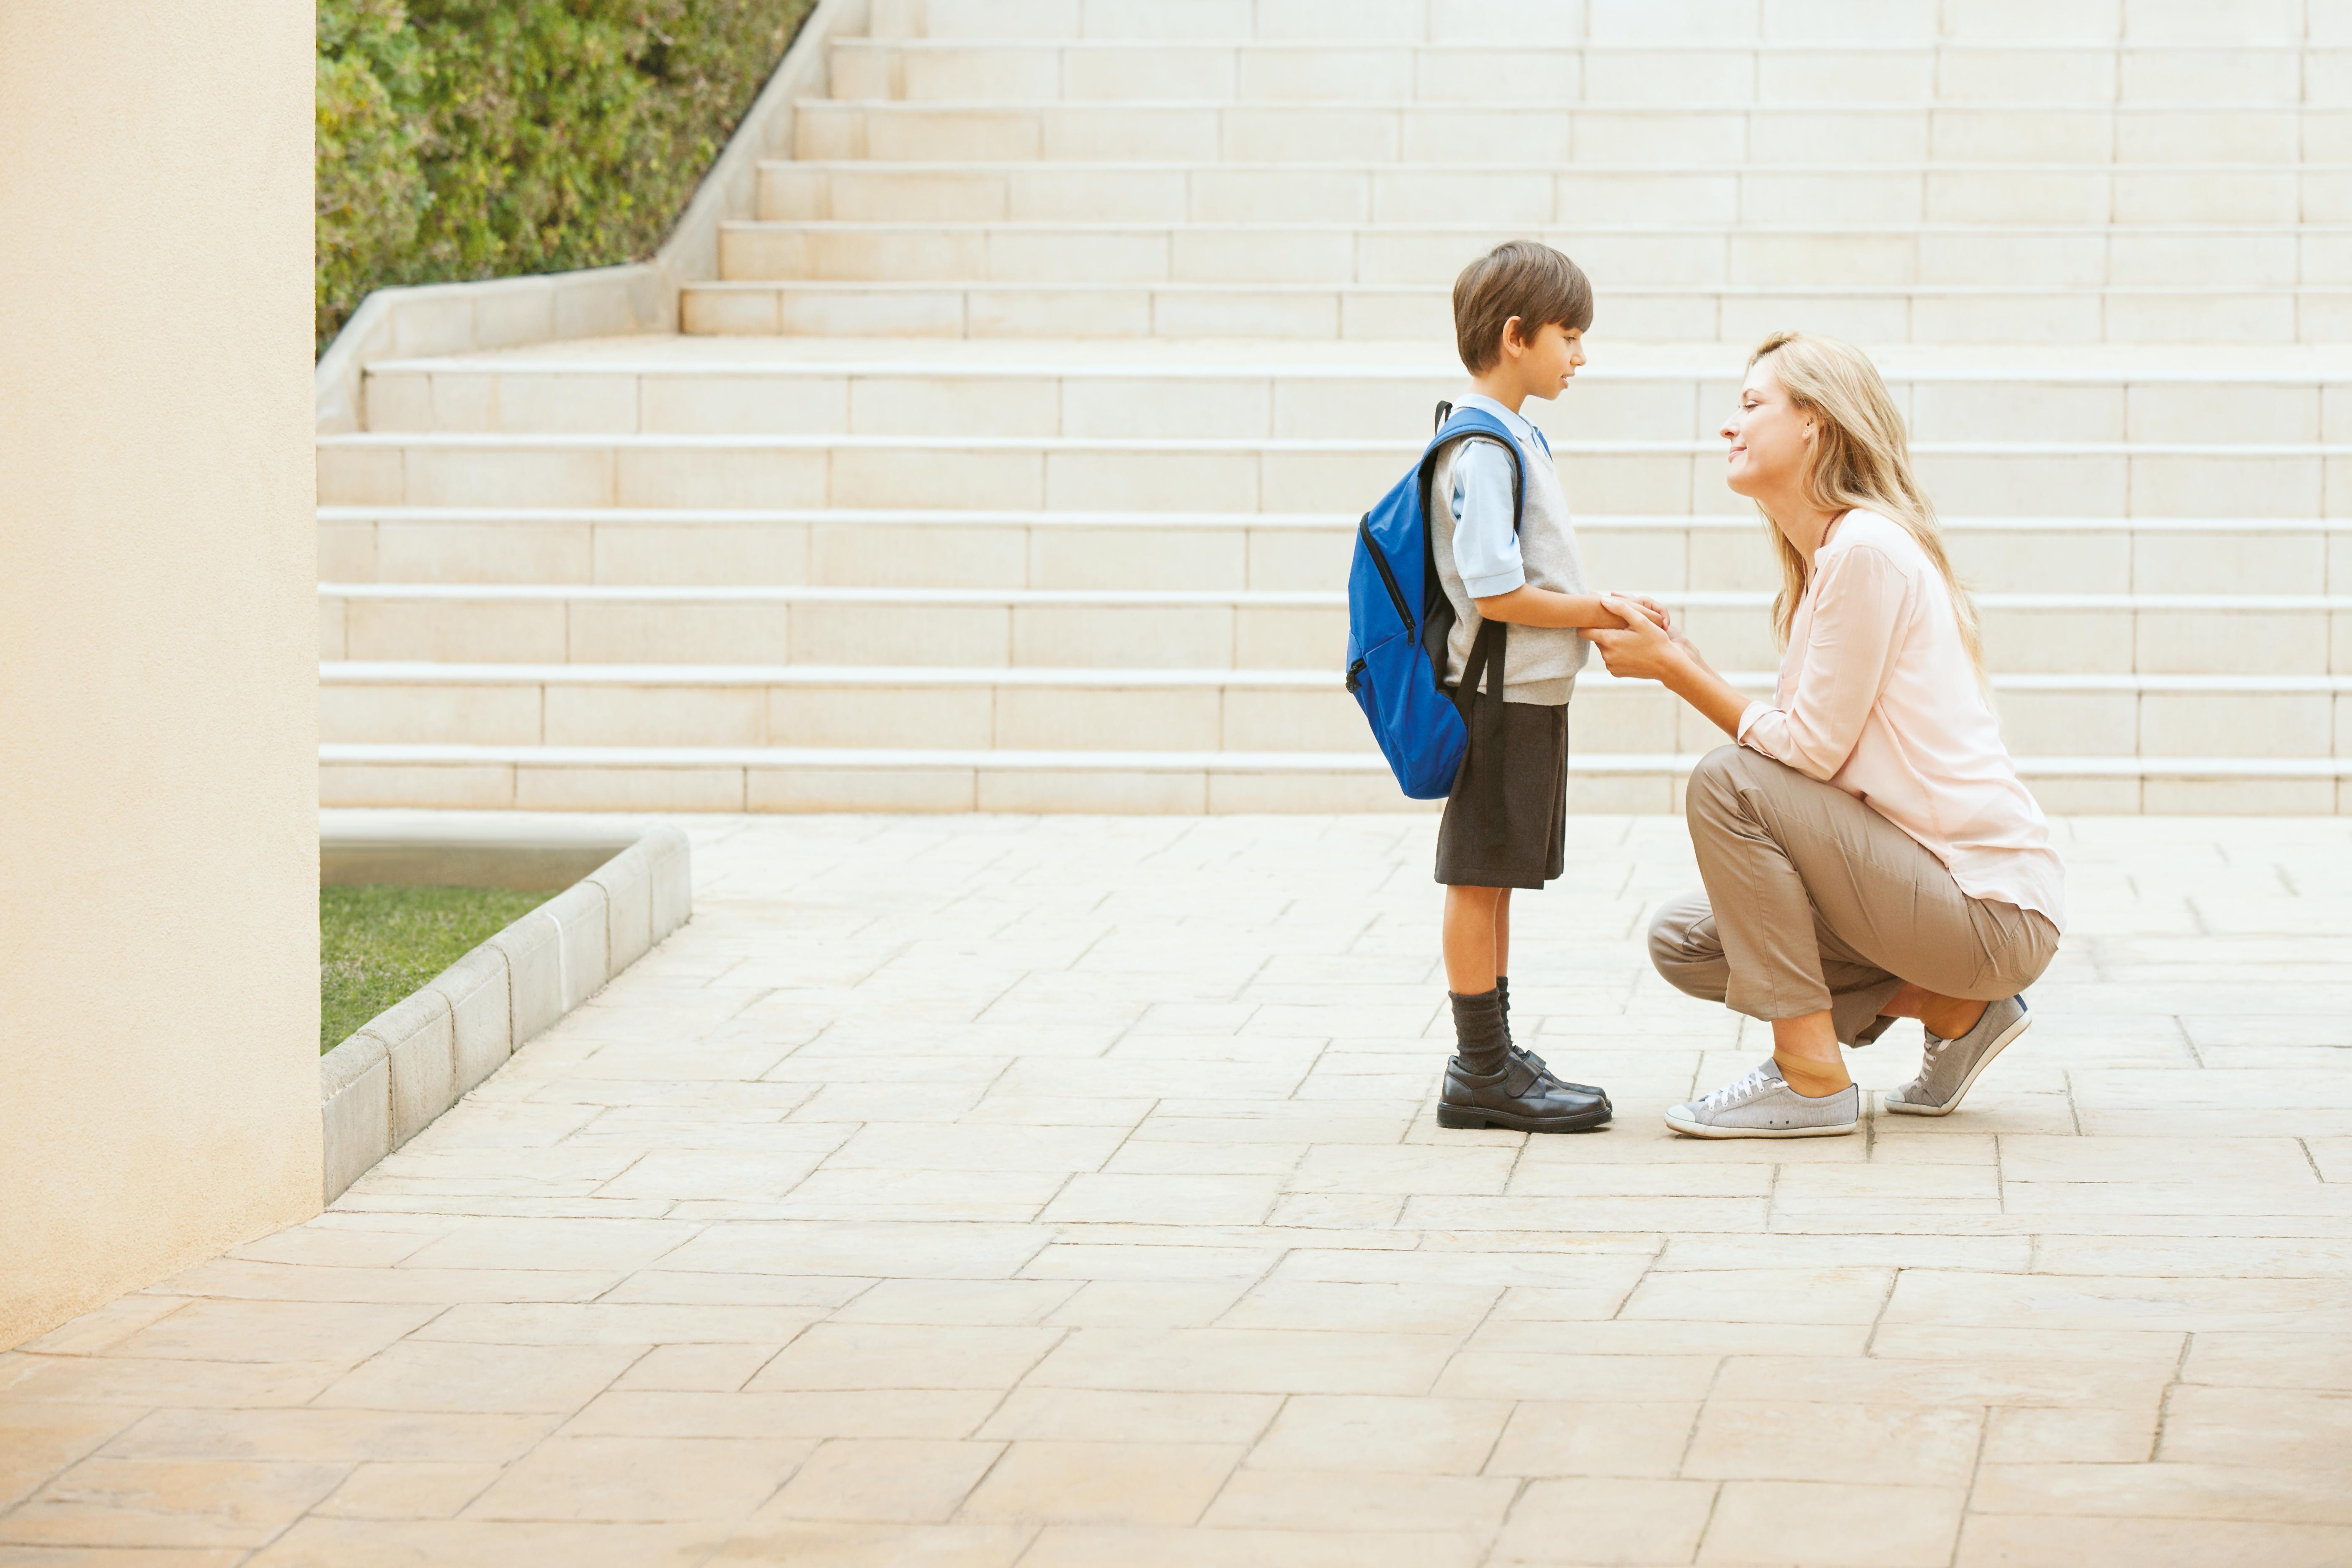 超人媽媽「保」護家庭 自身保障先規劃好